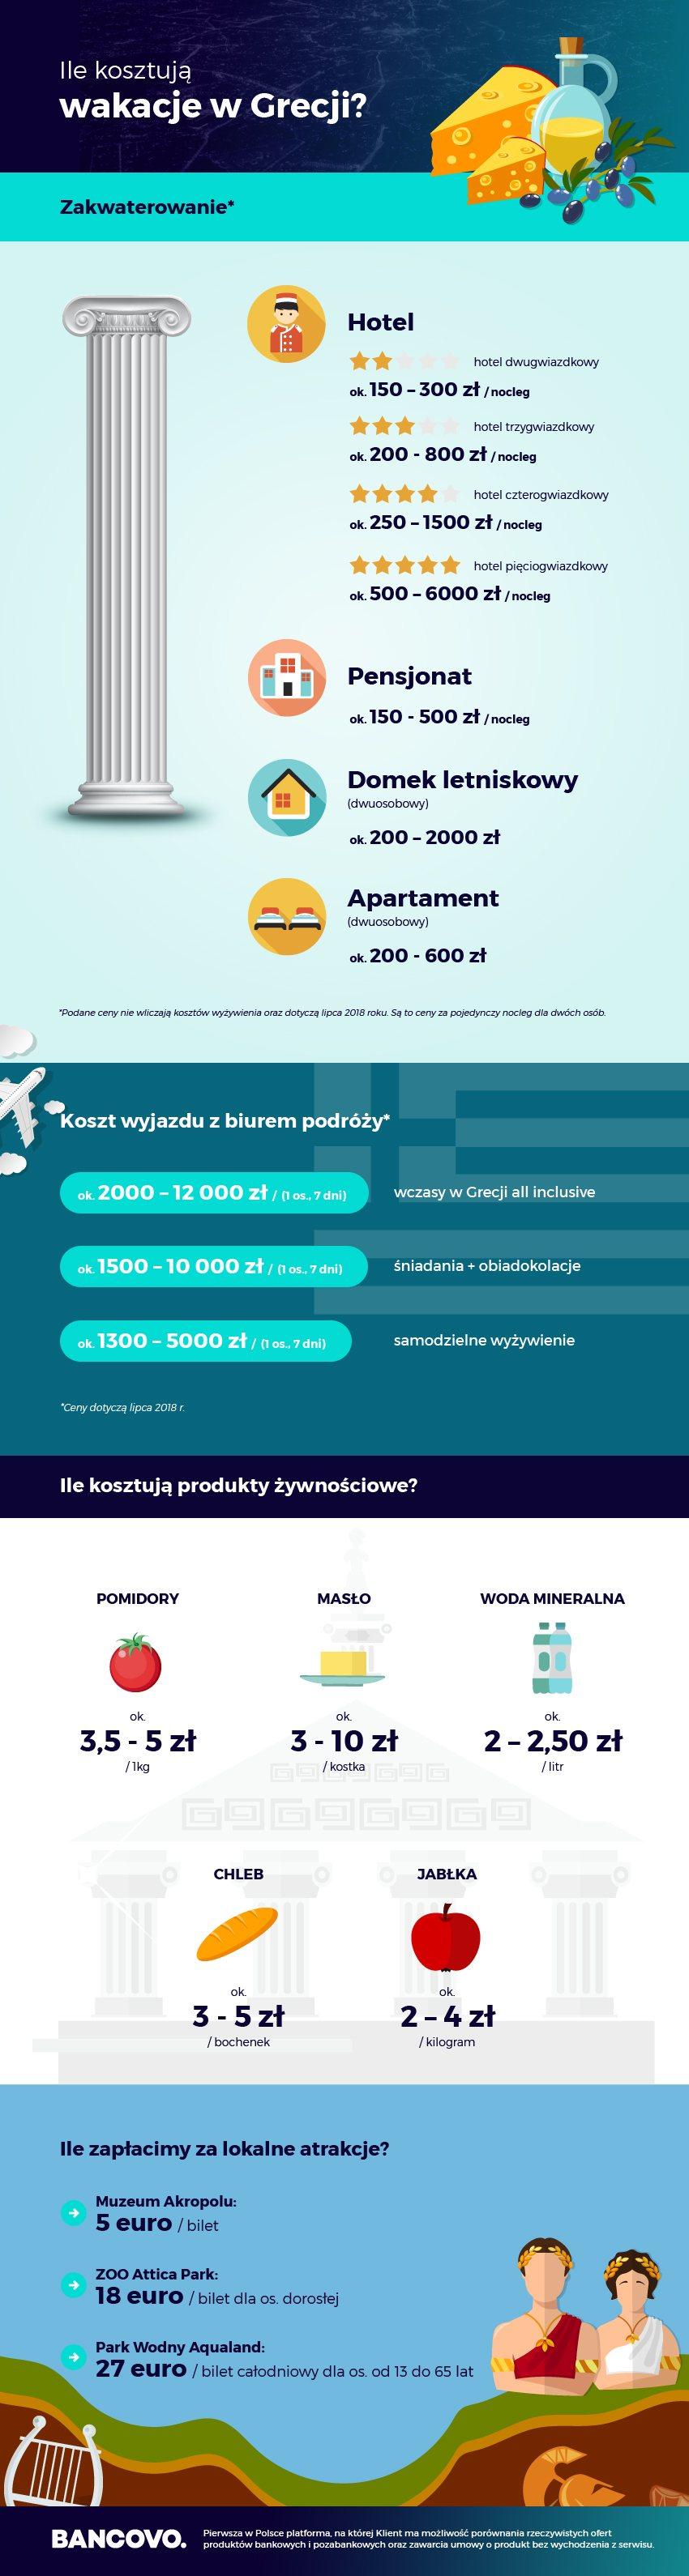 ceny wakacji w grecji